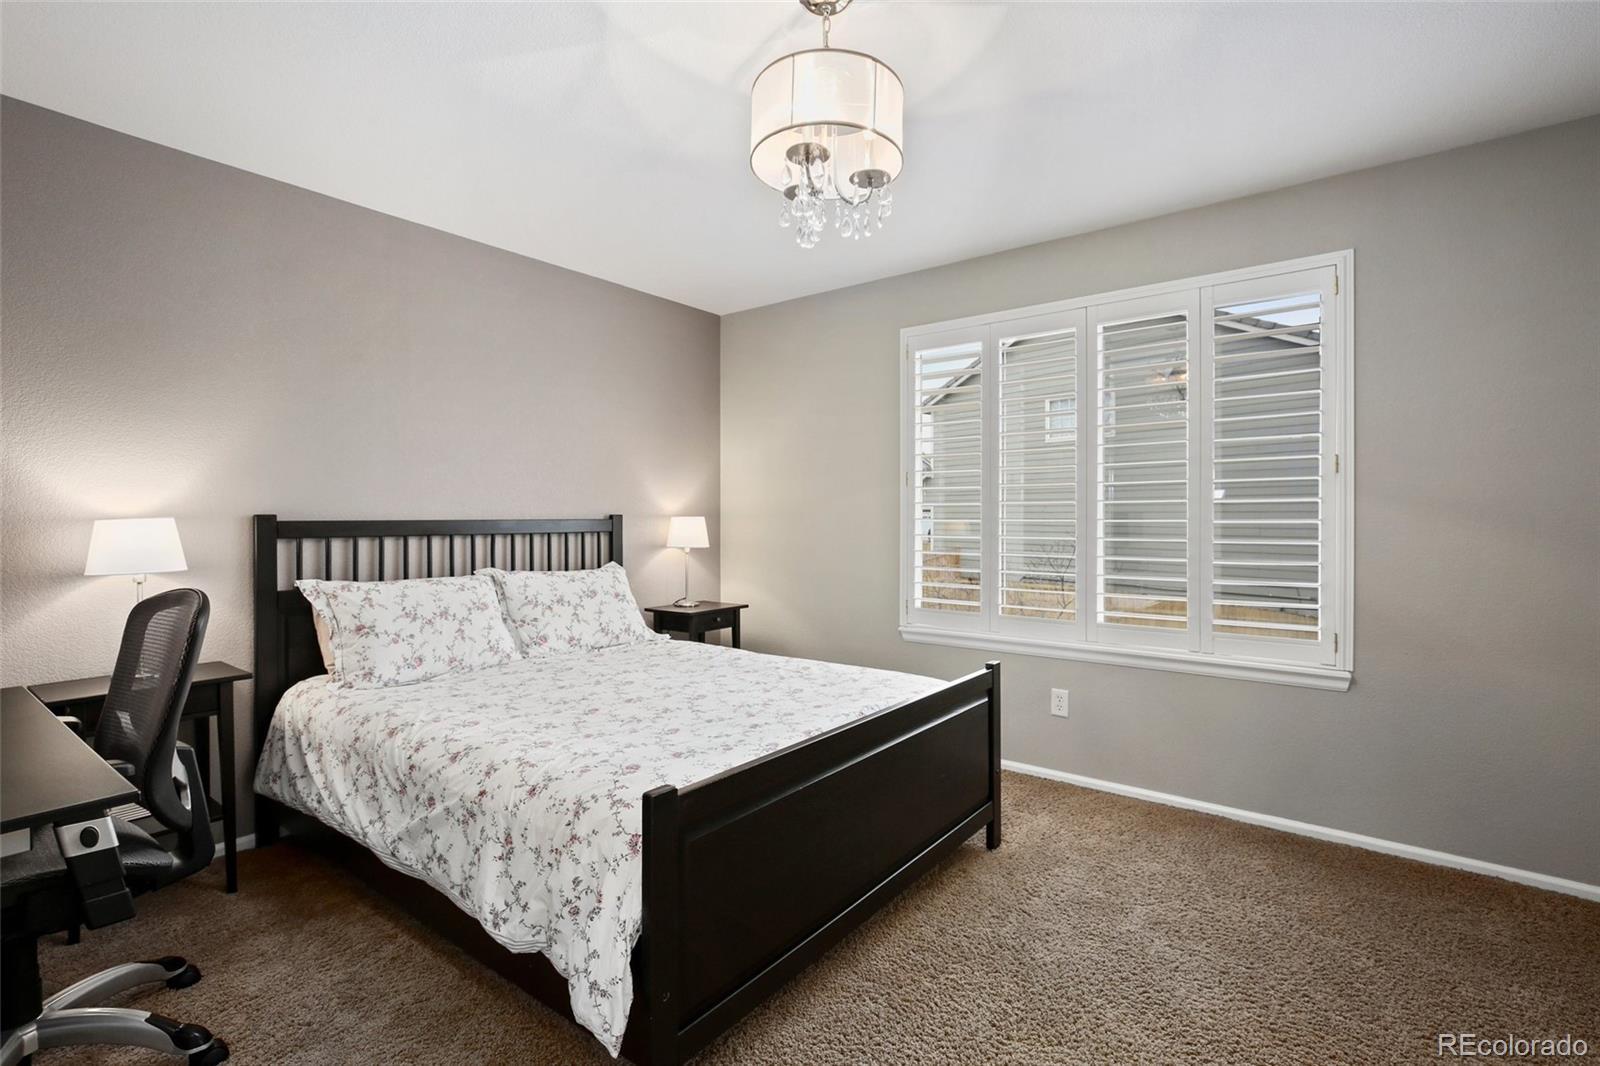 MLS# 7235158 - 20 - 3151 Huron Peak Avenue, Superior, CO 80027